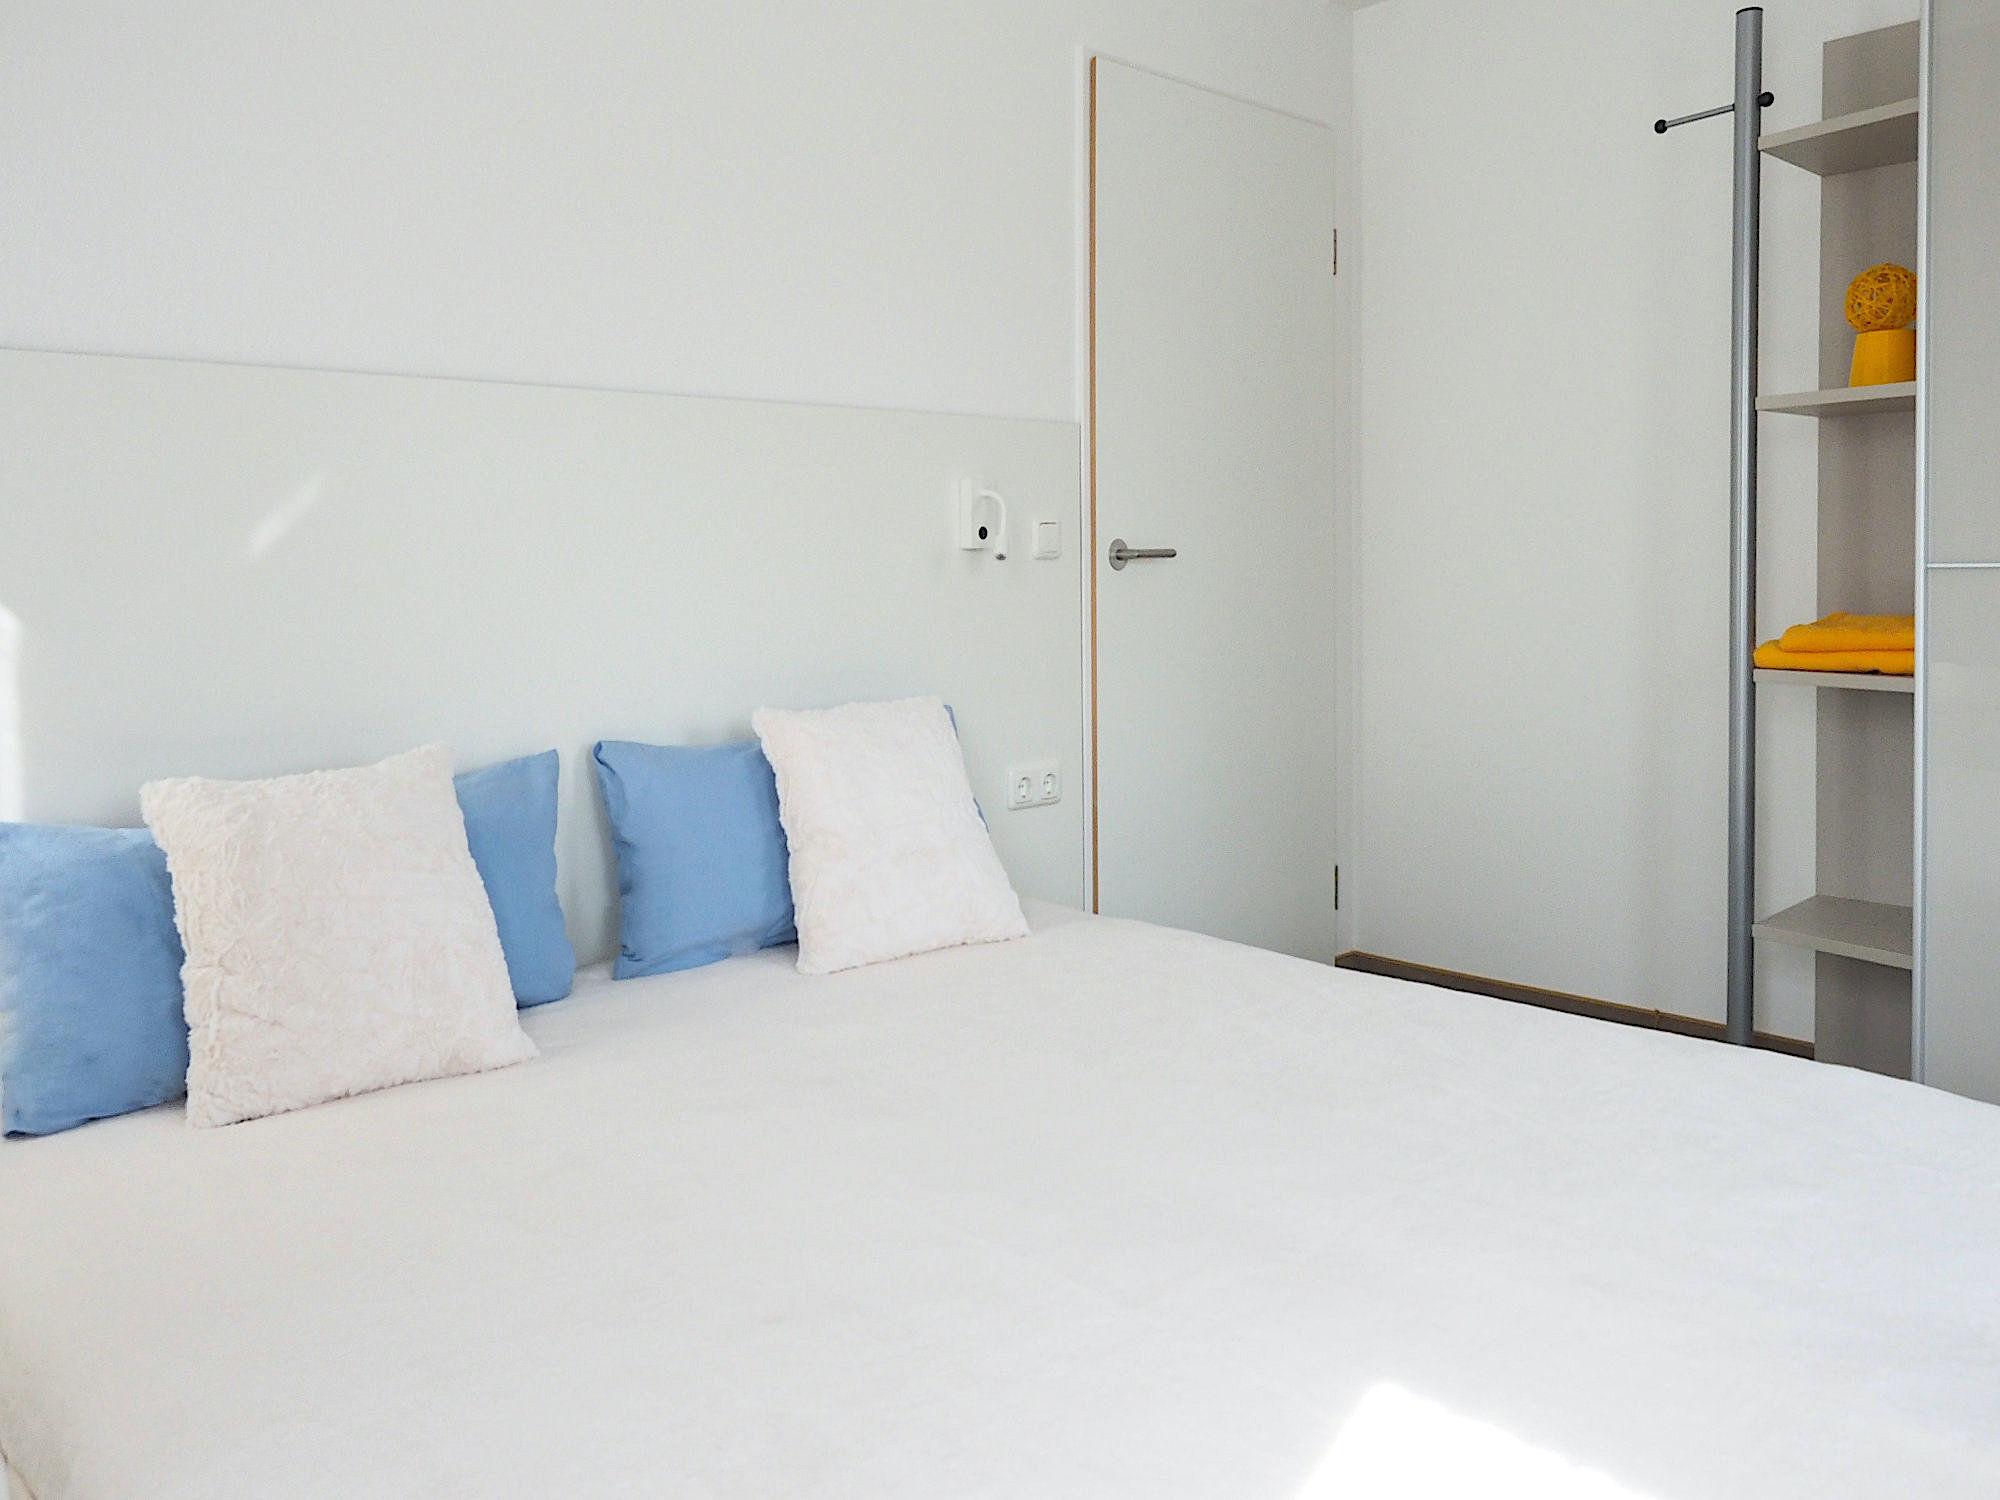 Schlafzimmer mit Doppelbett, Kopfteil. Rechts davon Regal als Bestandteil von einem Kleiderschrank